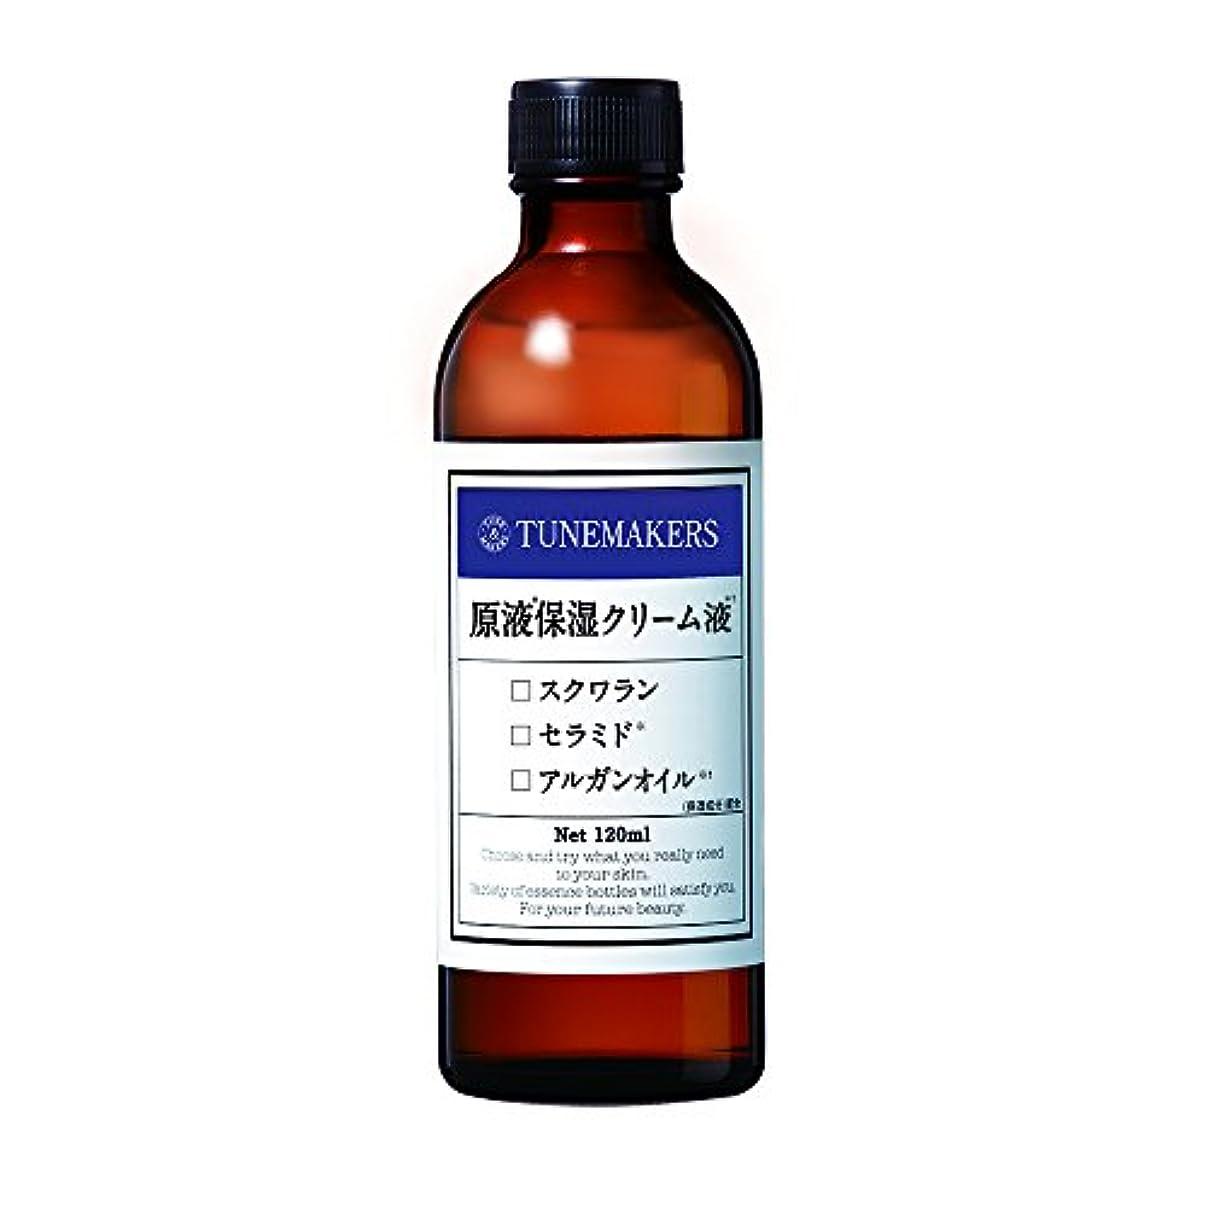 憎しみヘルシーポーチチューンメーカーズ 原液保湿クリーム液 とてもしっとり用 120ml 化粧水 [スクワラン?セラミド酸配合]